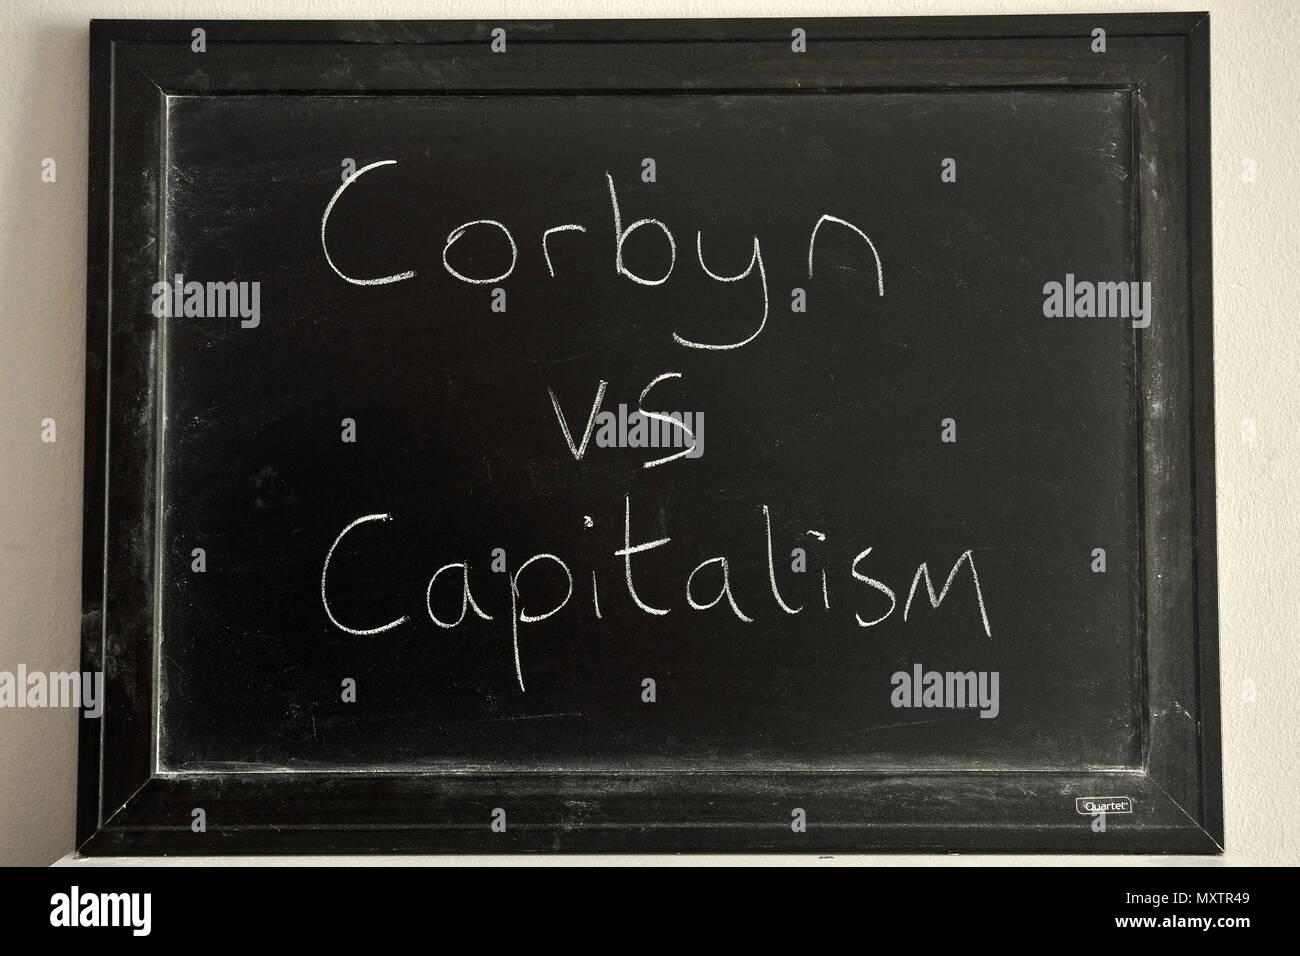 Corbyn vs Capitalism written in white chalk on a blackboard. - Stock Image